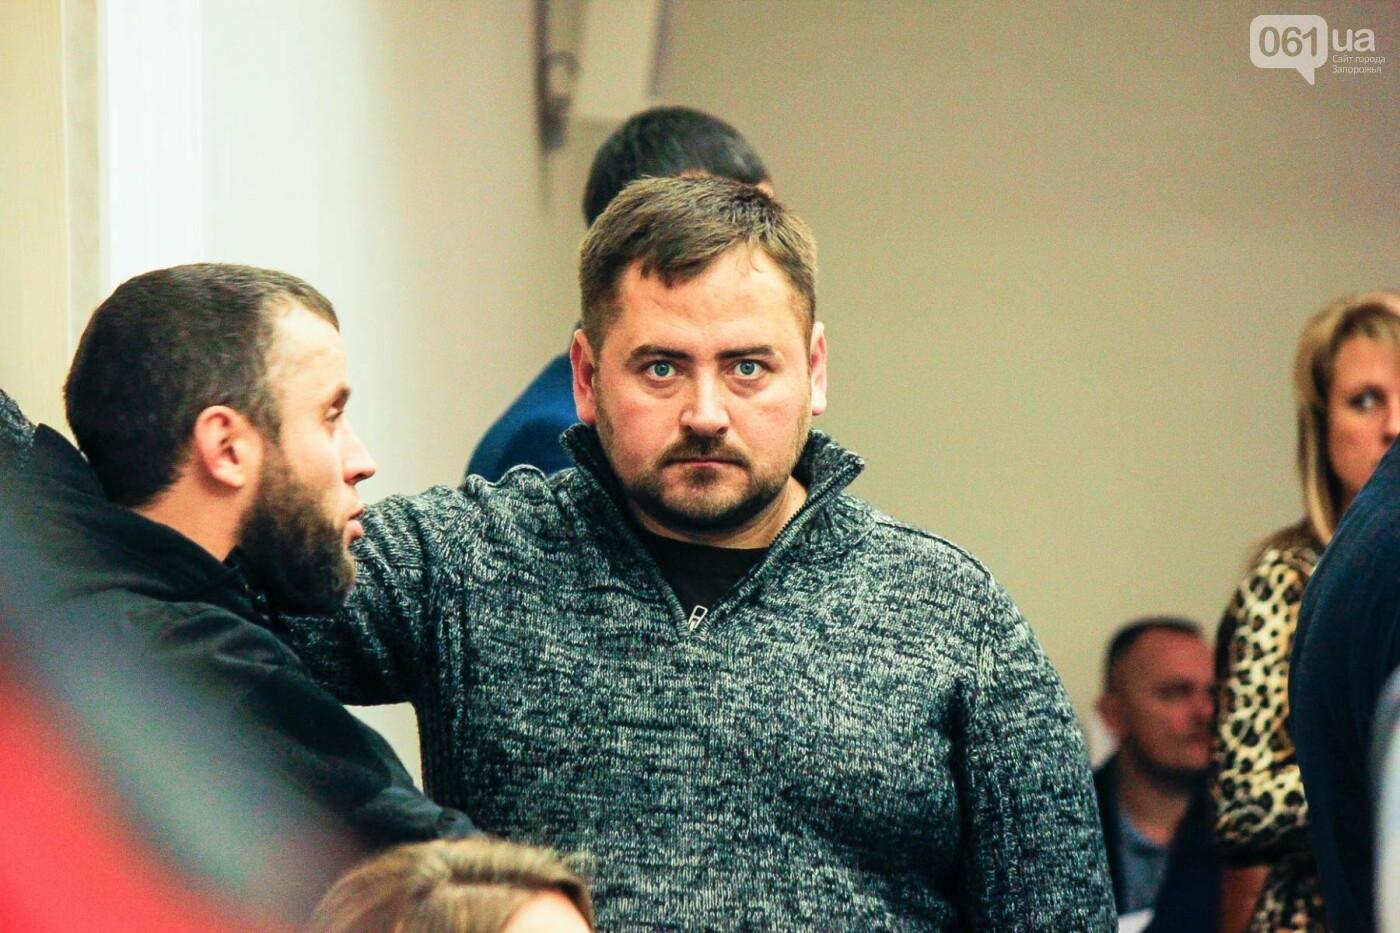 Сессия запорожского горсовета в лицах, - ФОТОРЕПОРТАЖ, фото-66